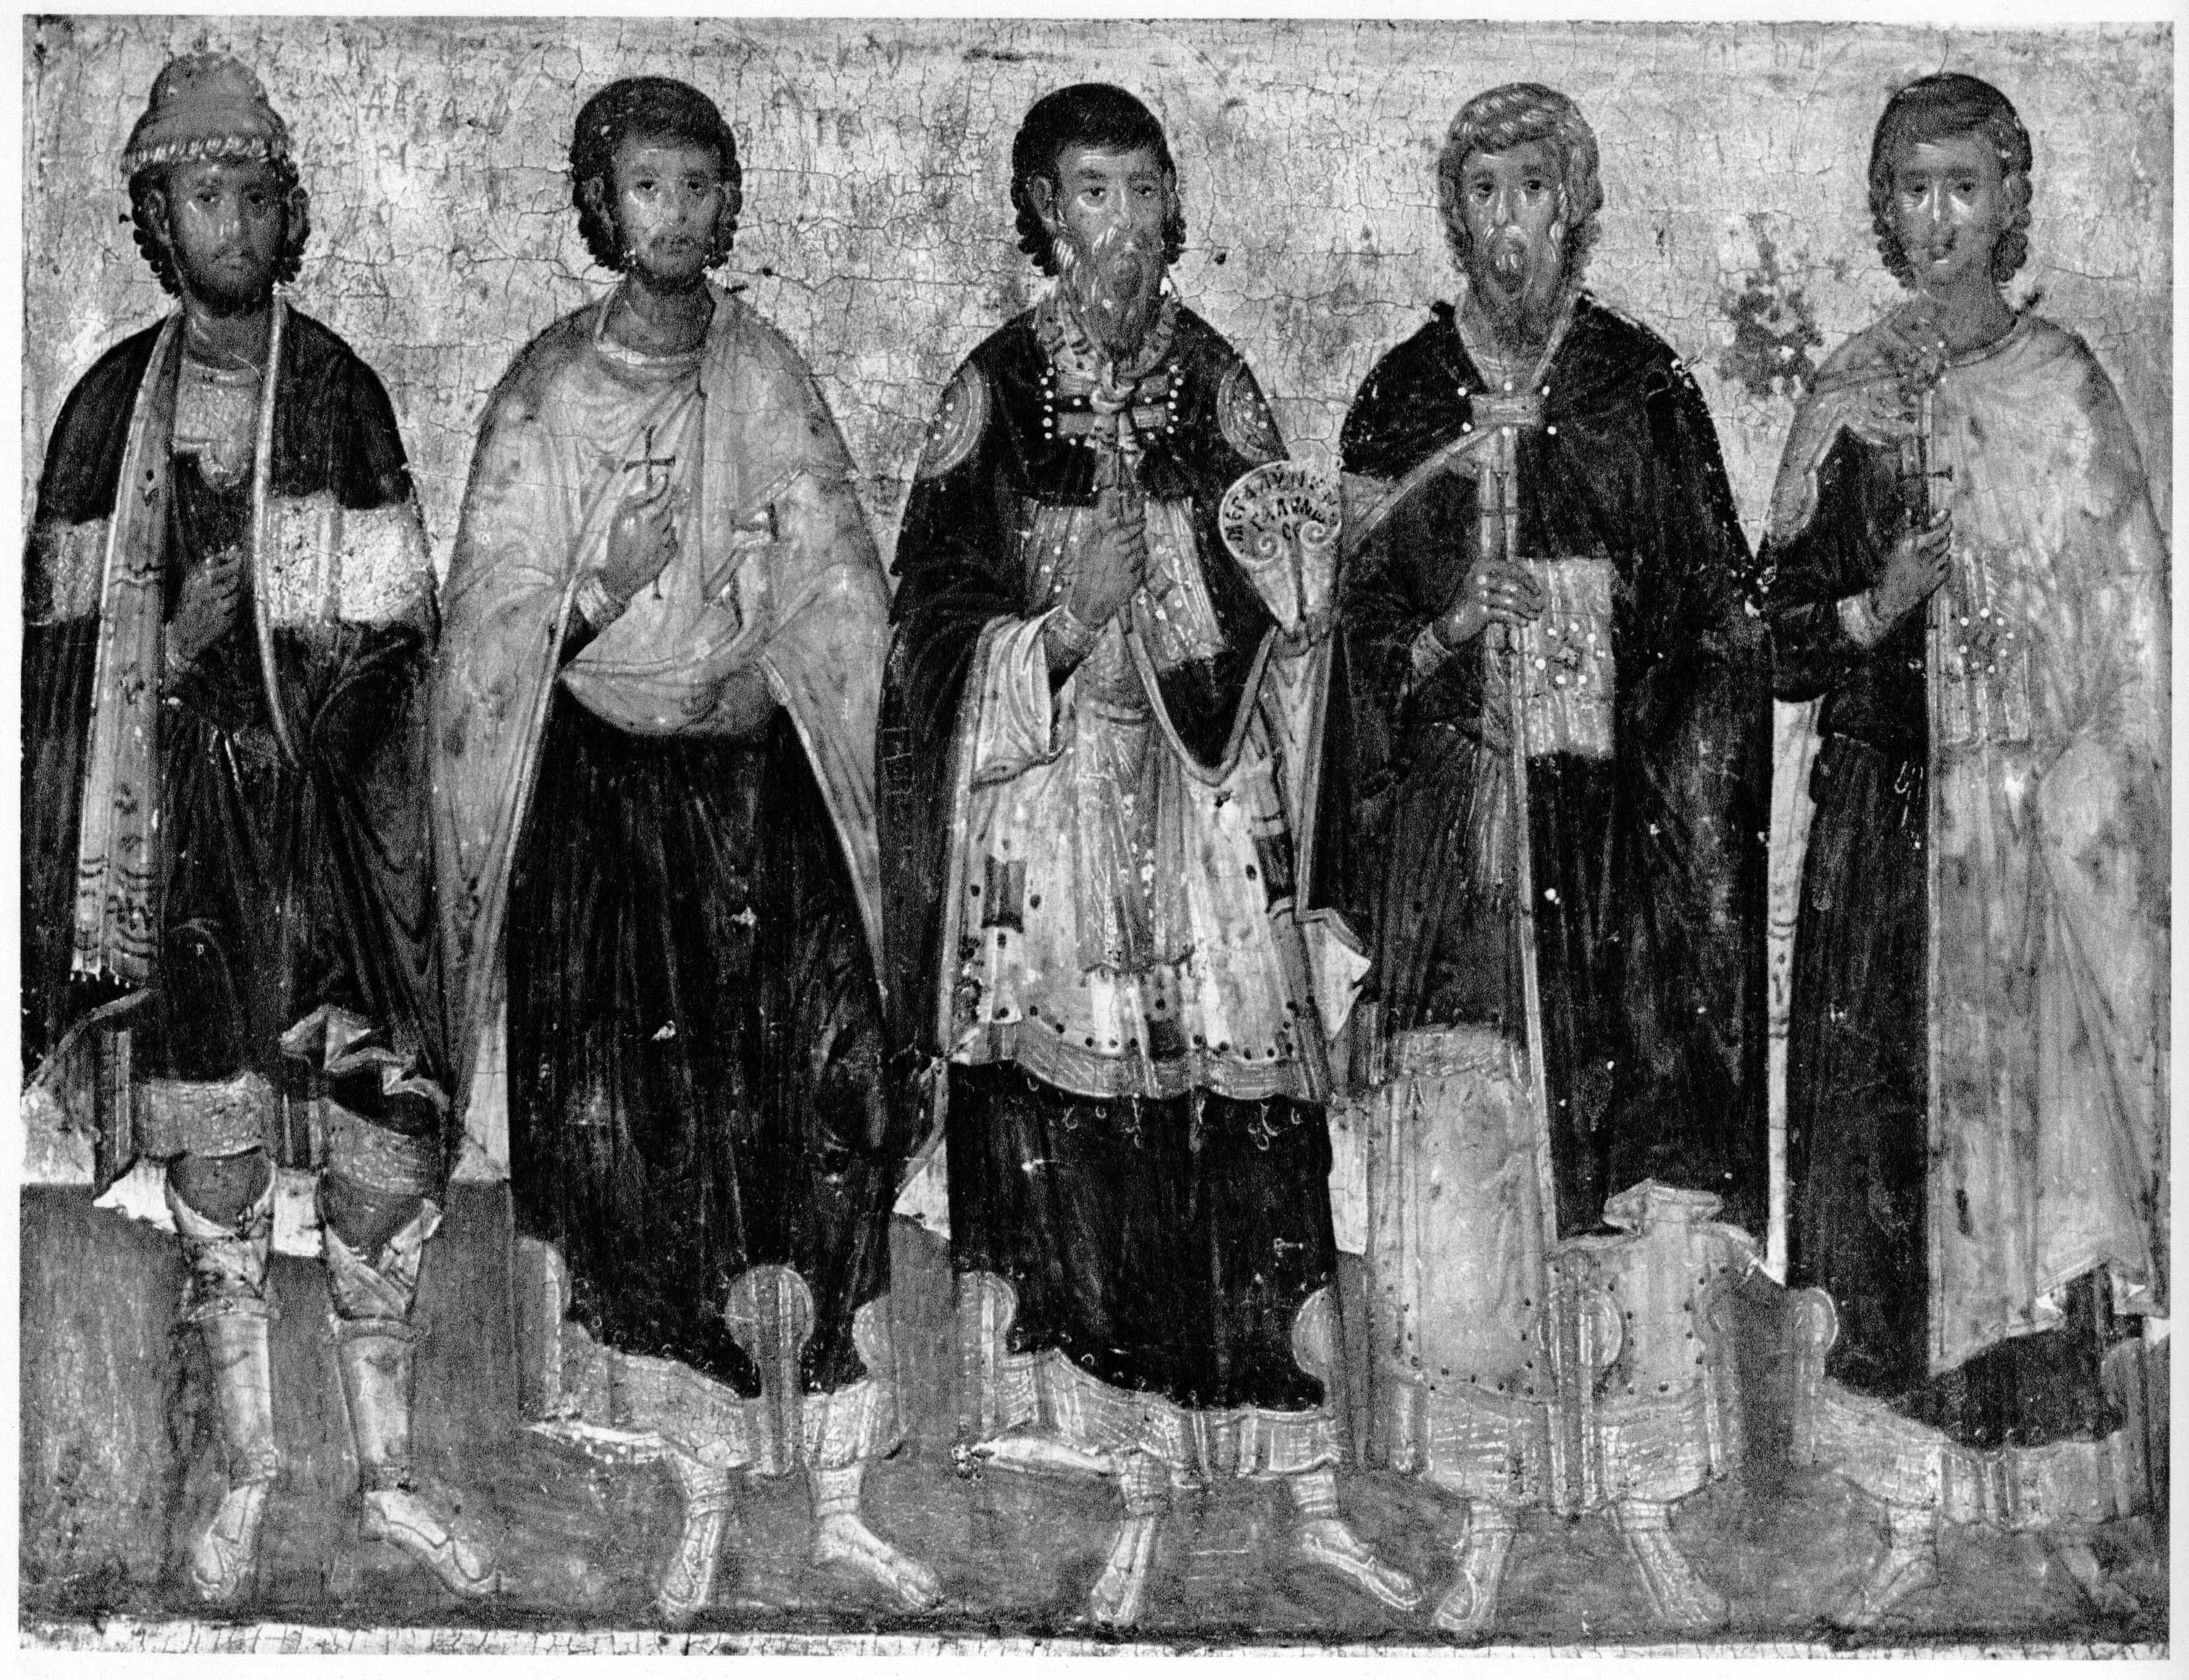 Пятозарные мученики: святые Евстратий, Авксентий, Евгений, Мардарий и Орест